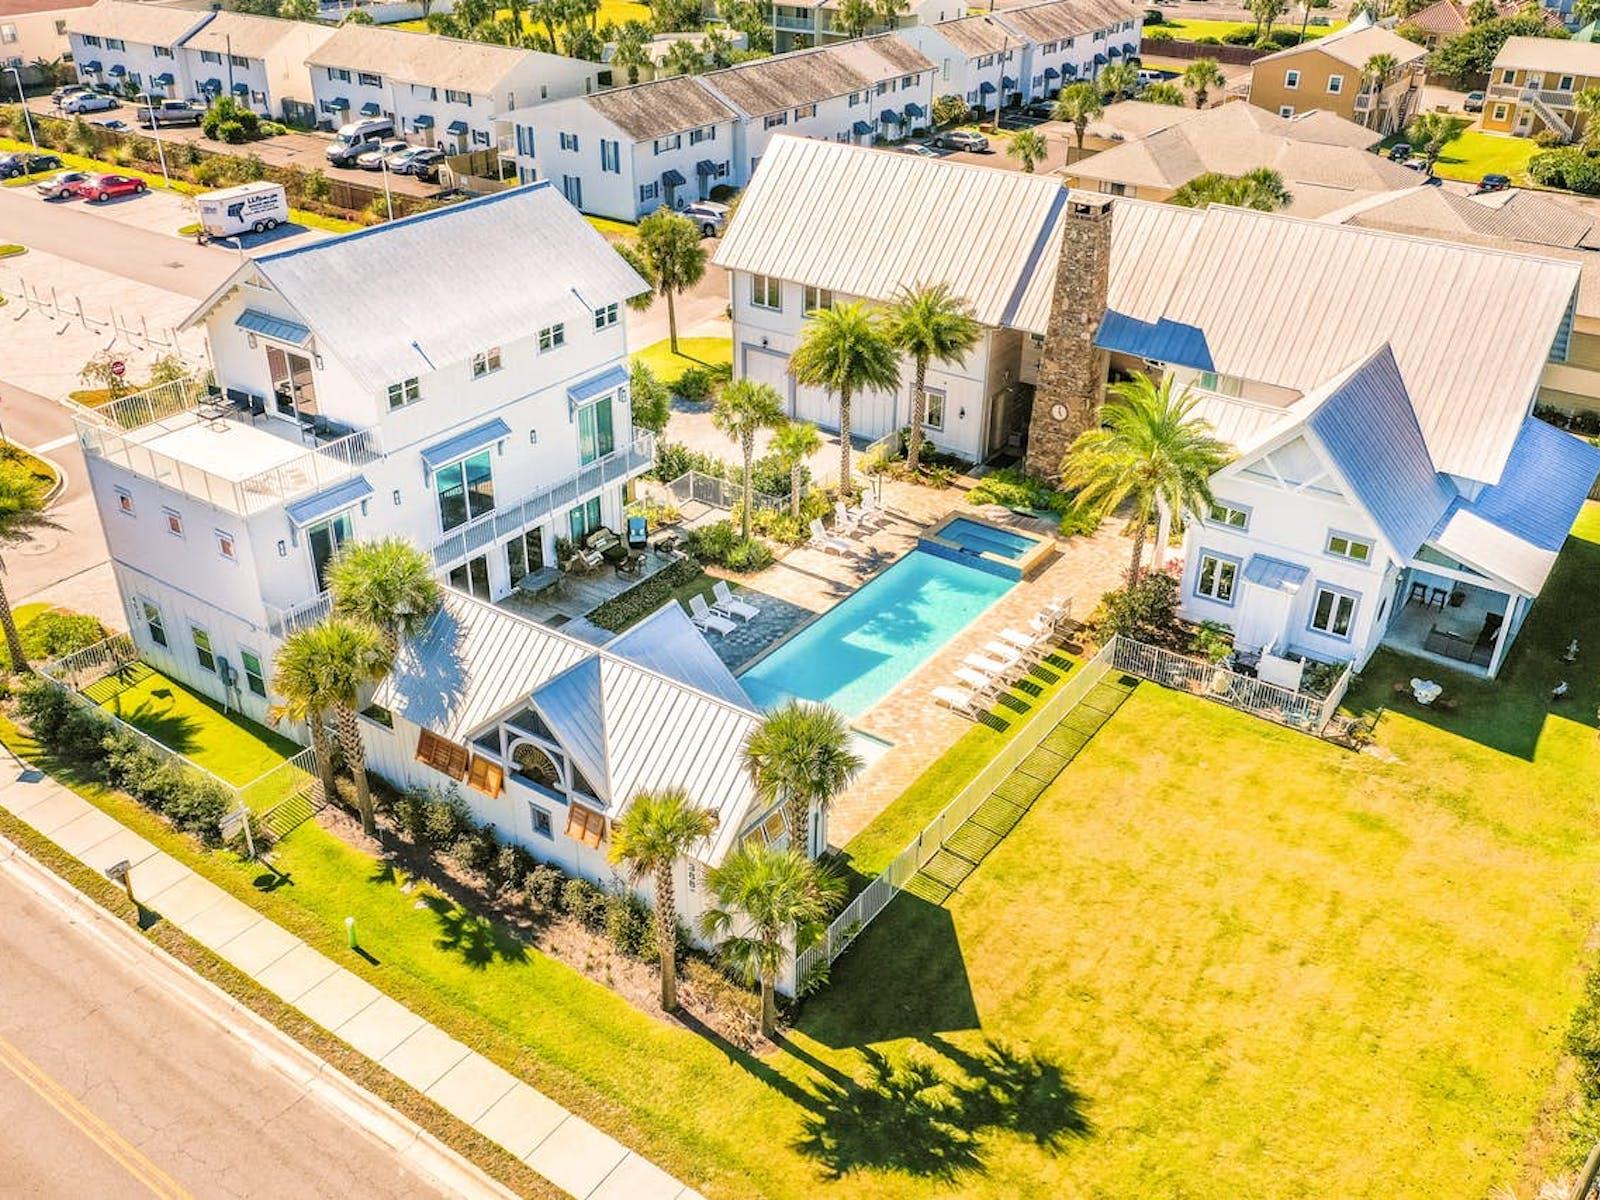 Miramar Beach, FL exterior of event home rental